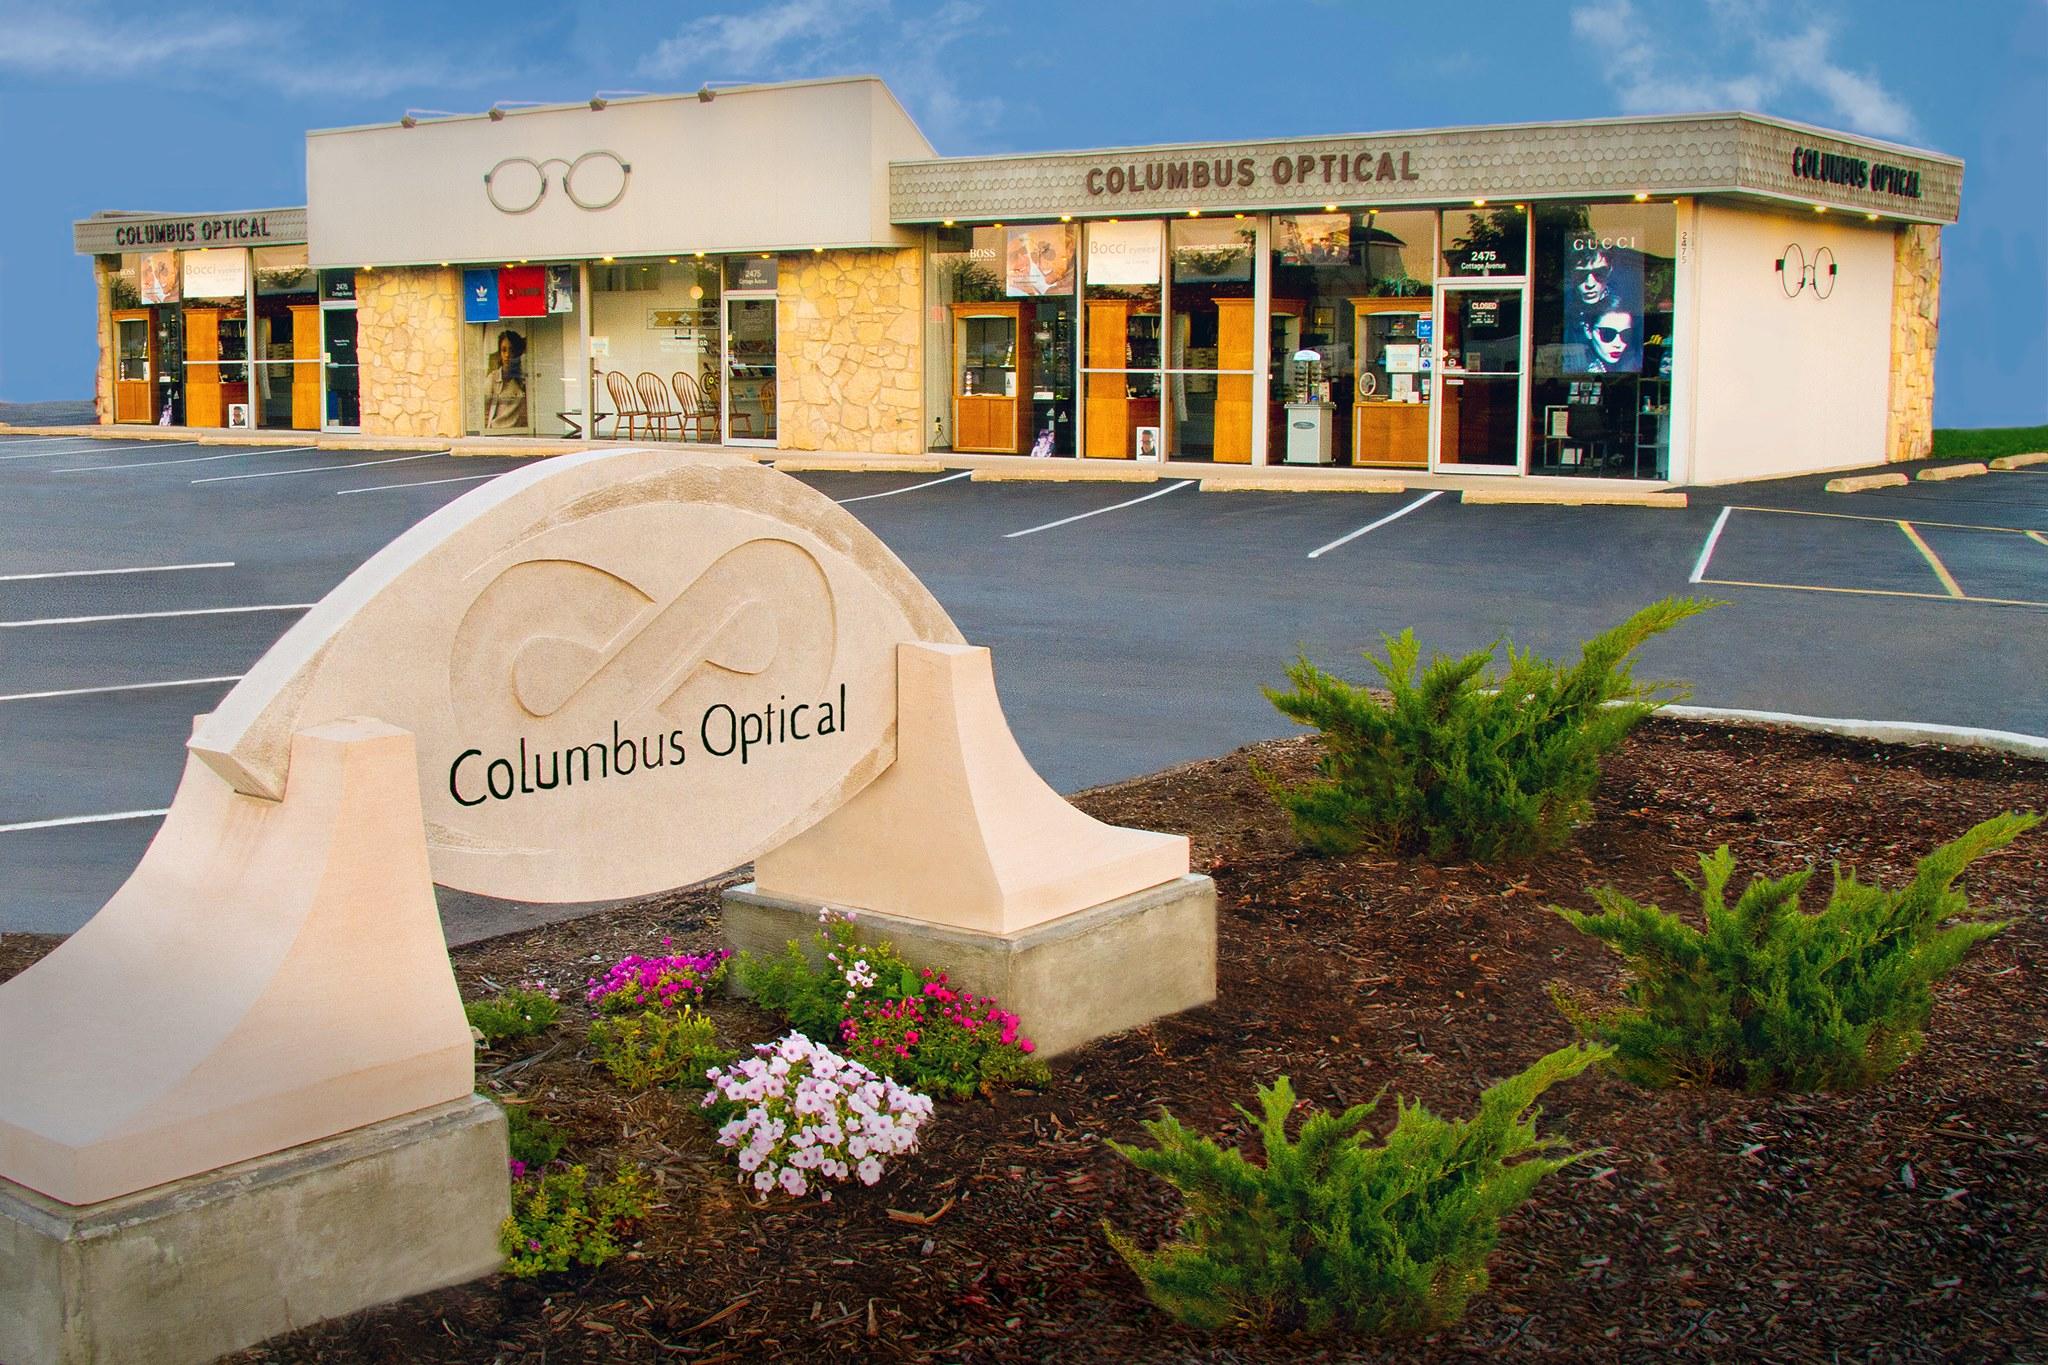 Columbus Optical - Building stylized